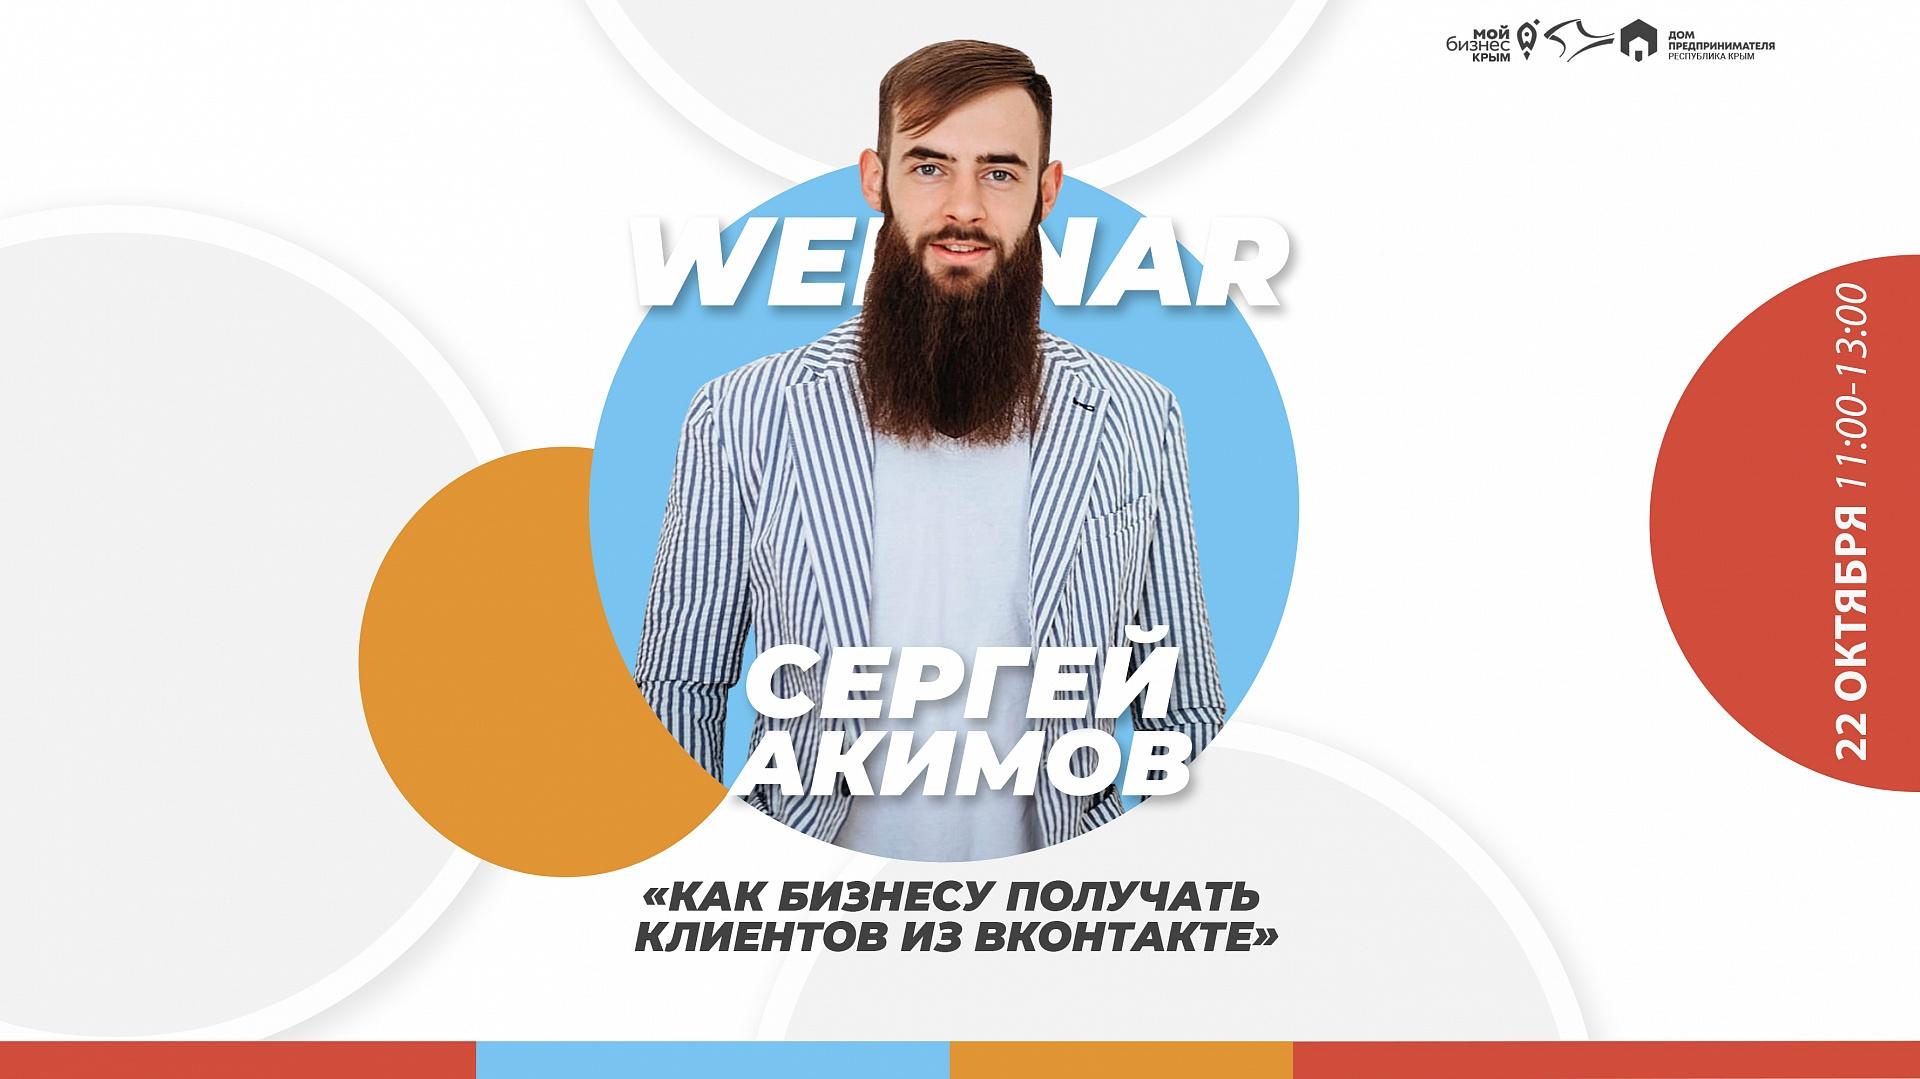 Как бизнесу получать клиентов из ВКонтакте?